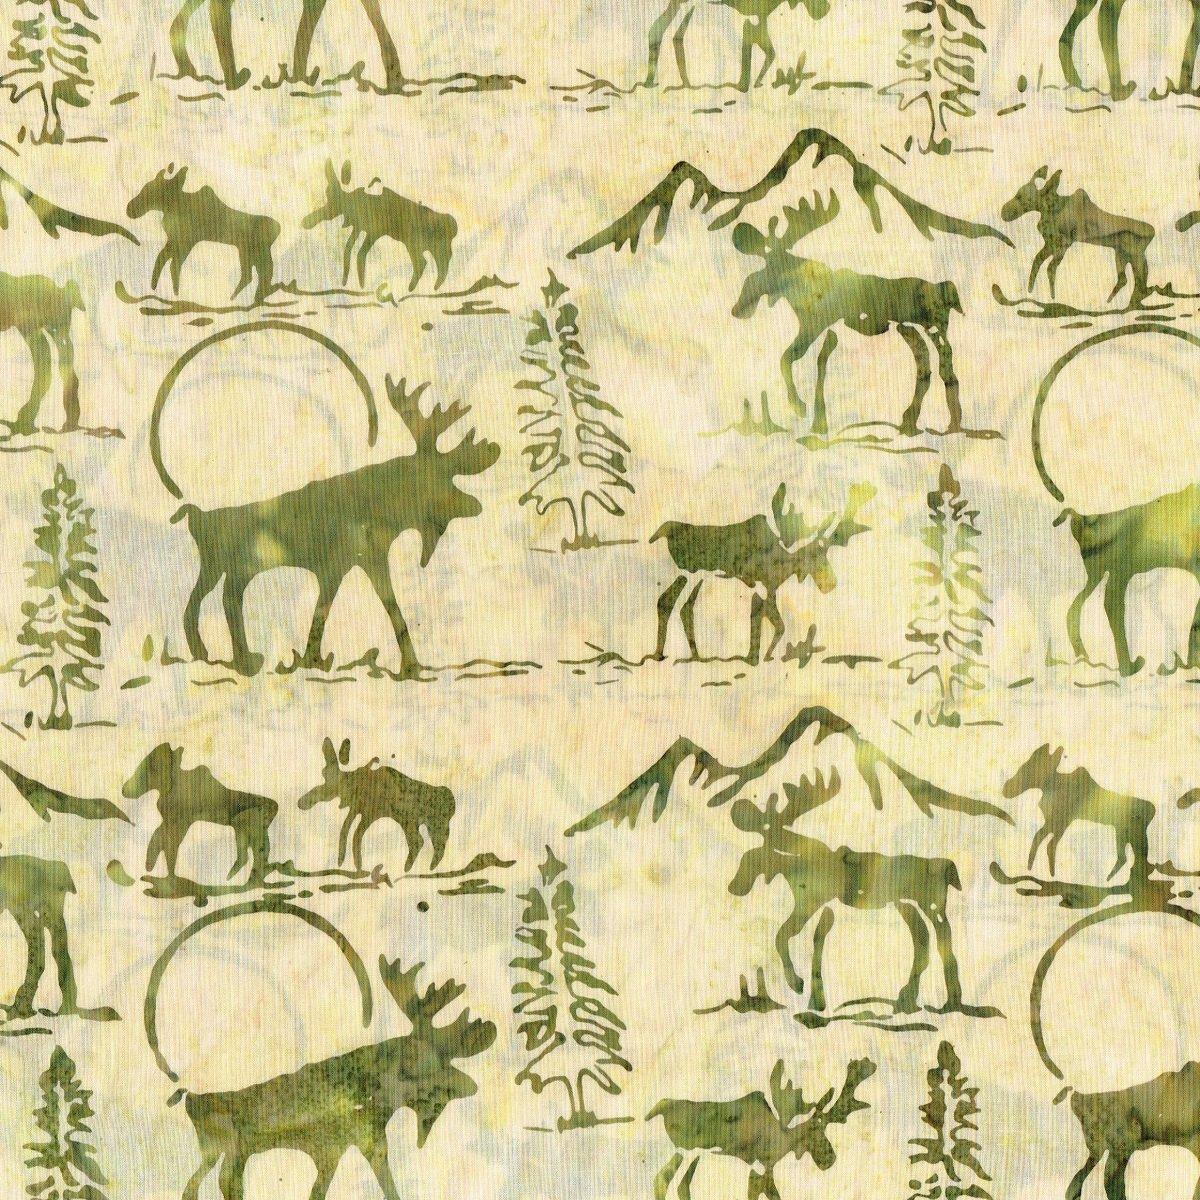 Moose & Calf Batik F2031-184 Willow